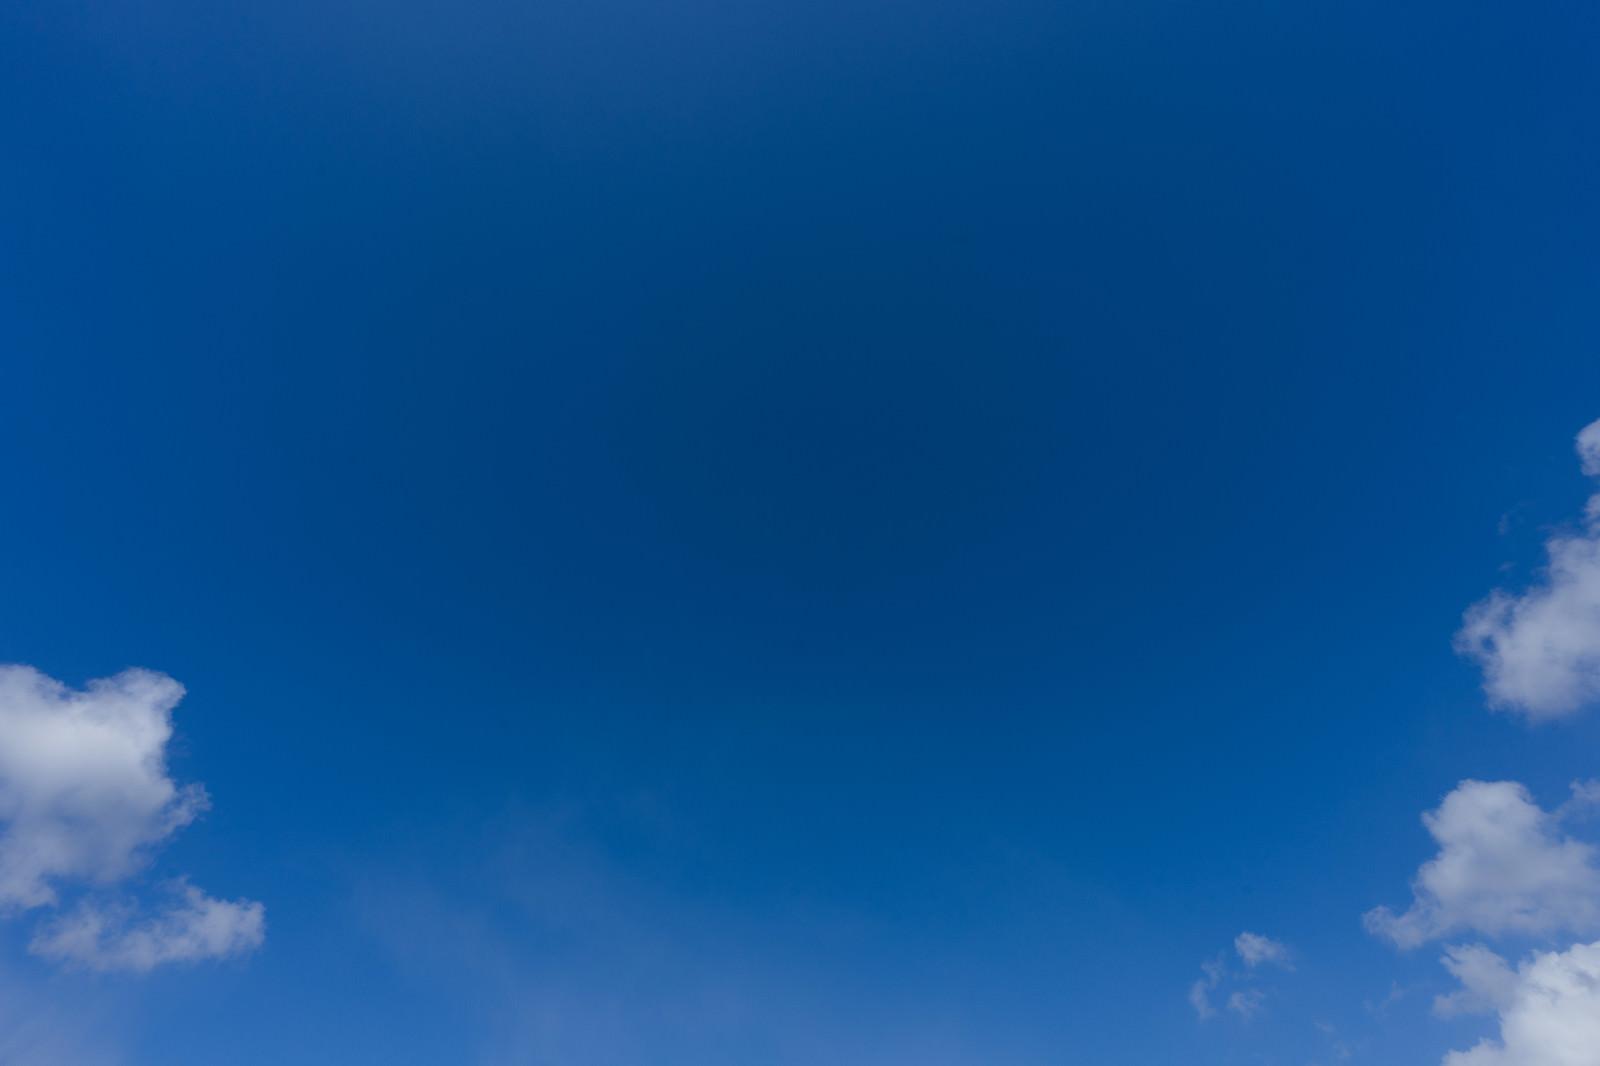 「少し雲が残る青空」の写真